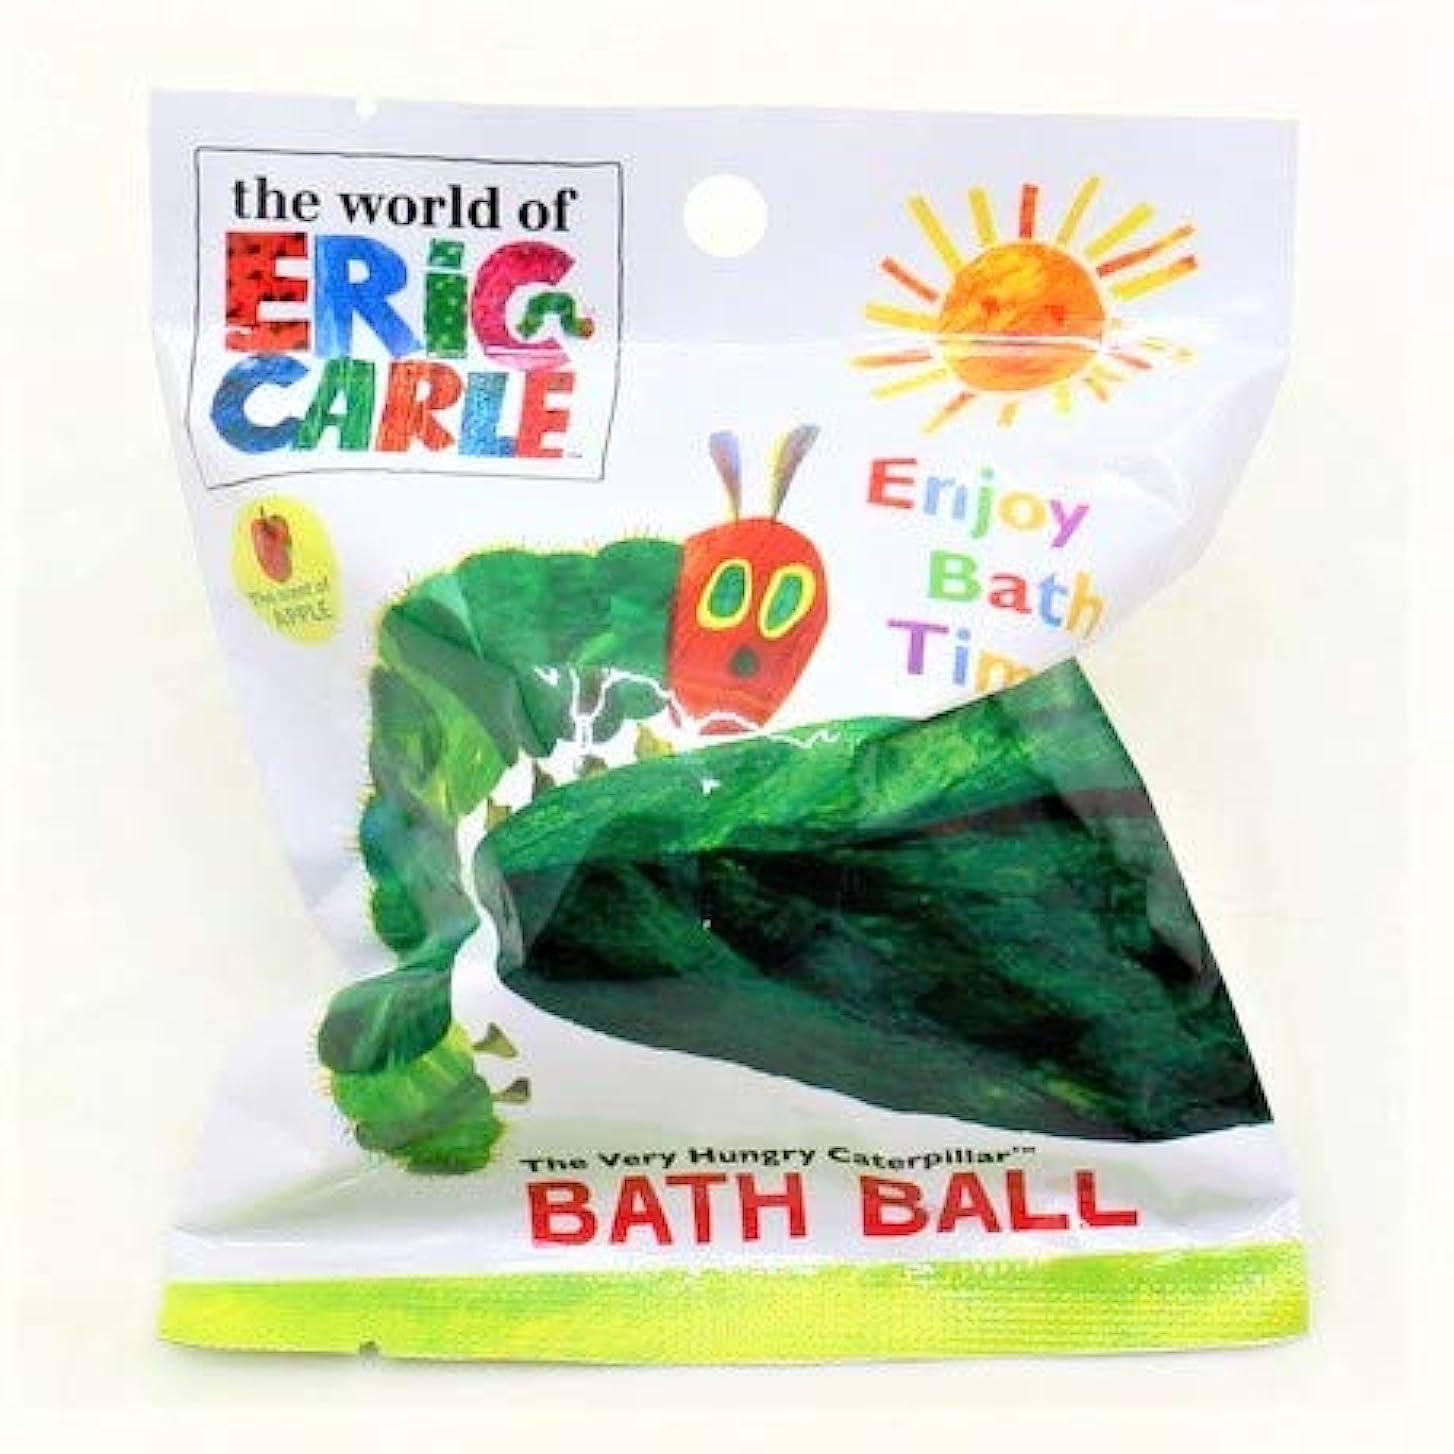 気まぐれな形成ハンマーはらぺこあおむし バスボール 入浴剤 りんごの香り 6個入1セット